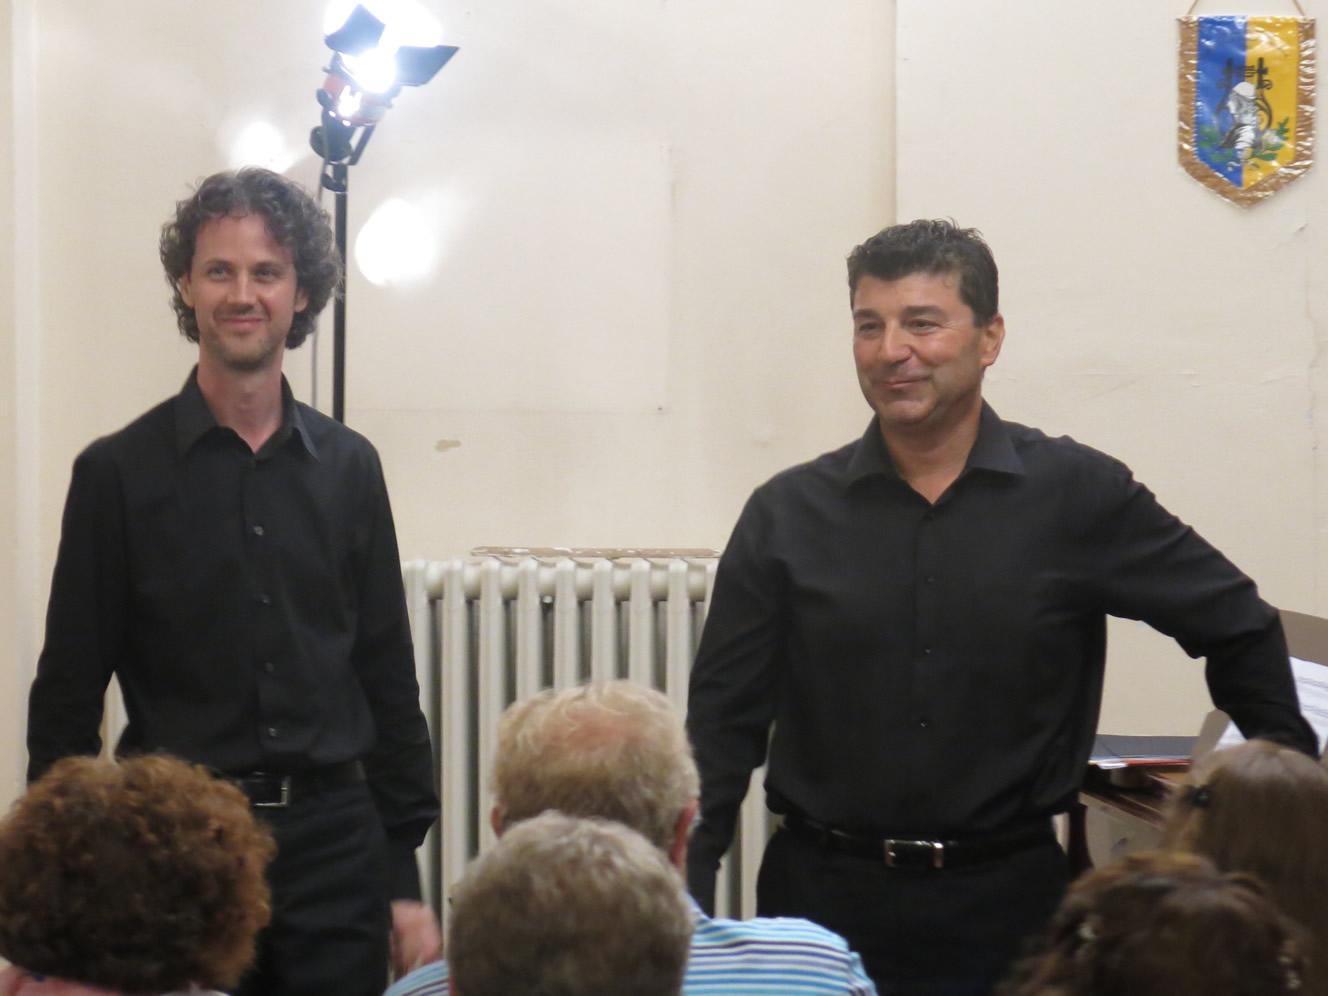 Luca Saltini e Lucio Carpani, un duo pianistico per Mirandola Classica Estate il 7 settembre 2017